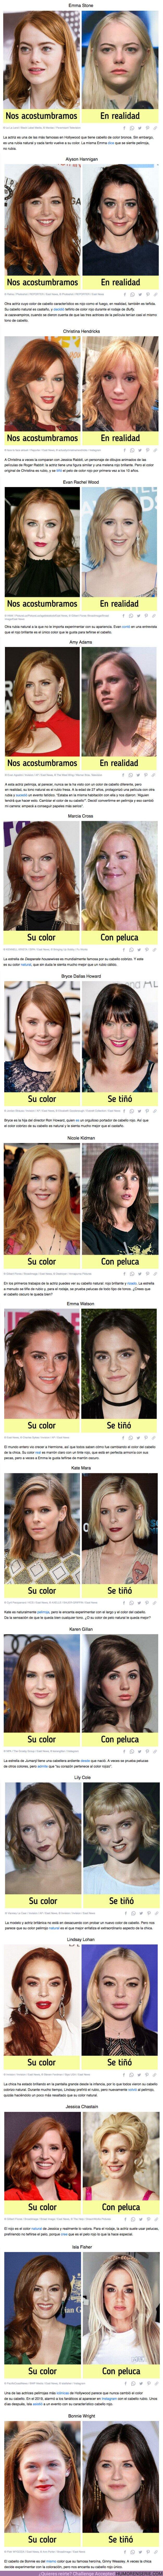 72537 - GALERÍA: 16 Actrices pelirrojas que probaron un color de cabello diferente y demostraron que el cabello de fuego es su tarjeta de presentación